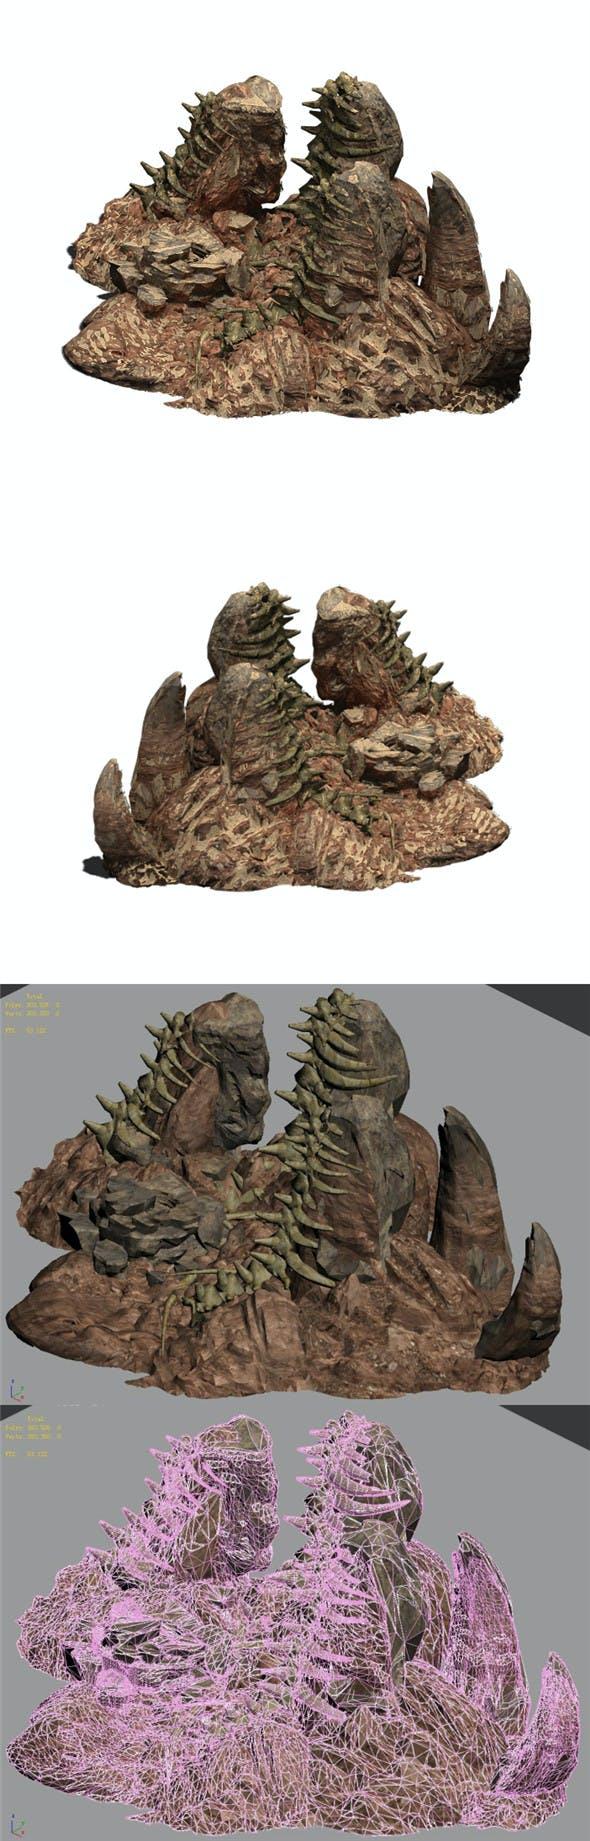 Desert - BOSS Altar Fossil Bones 02 - 3DOcean Item for Sale